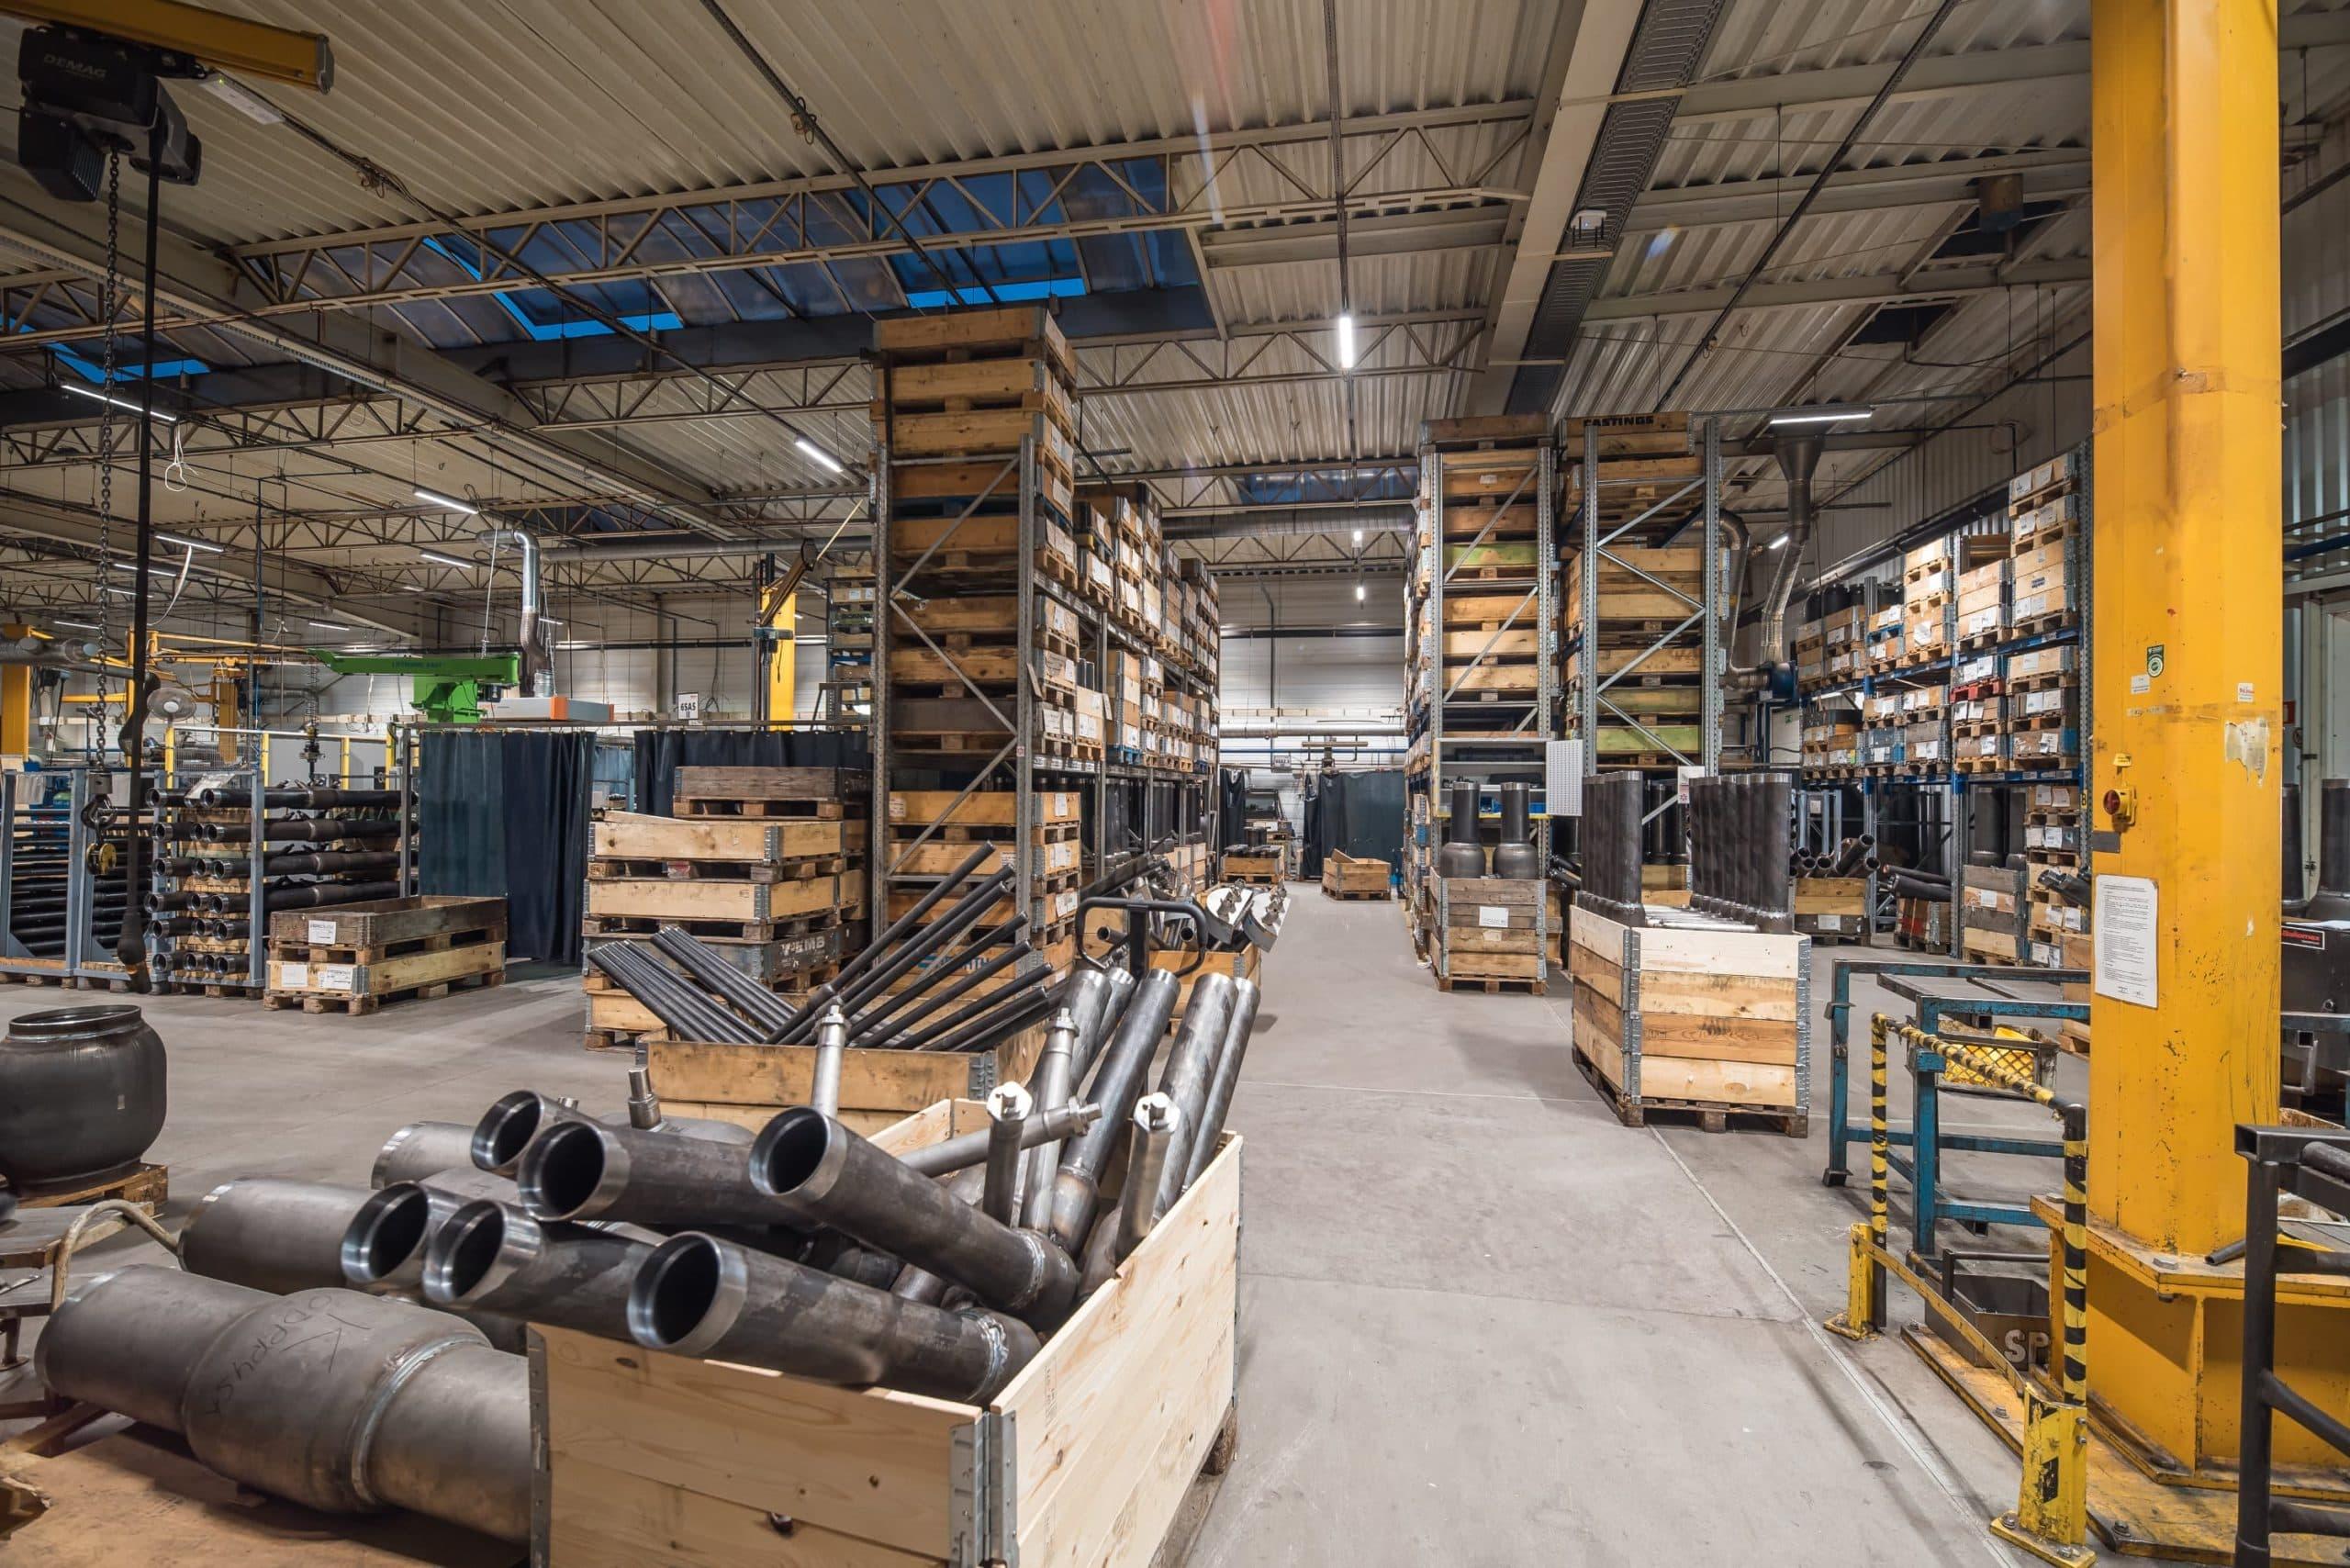 Oprawy przemysłowe Industrial w firmie Broen - Luxon LED